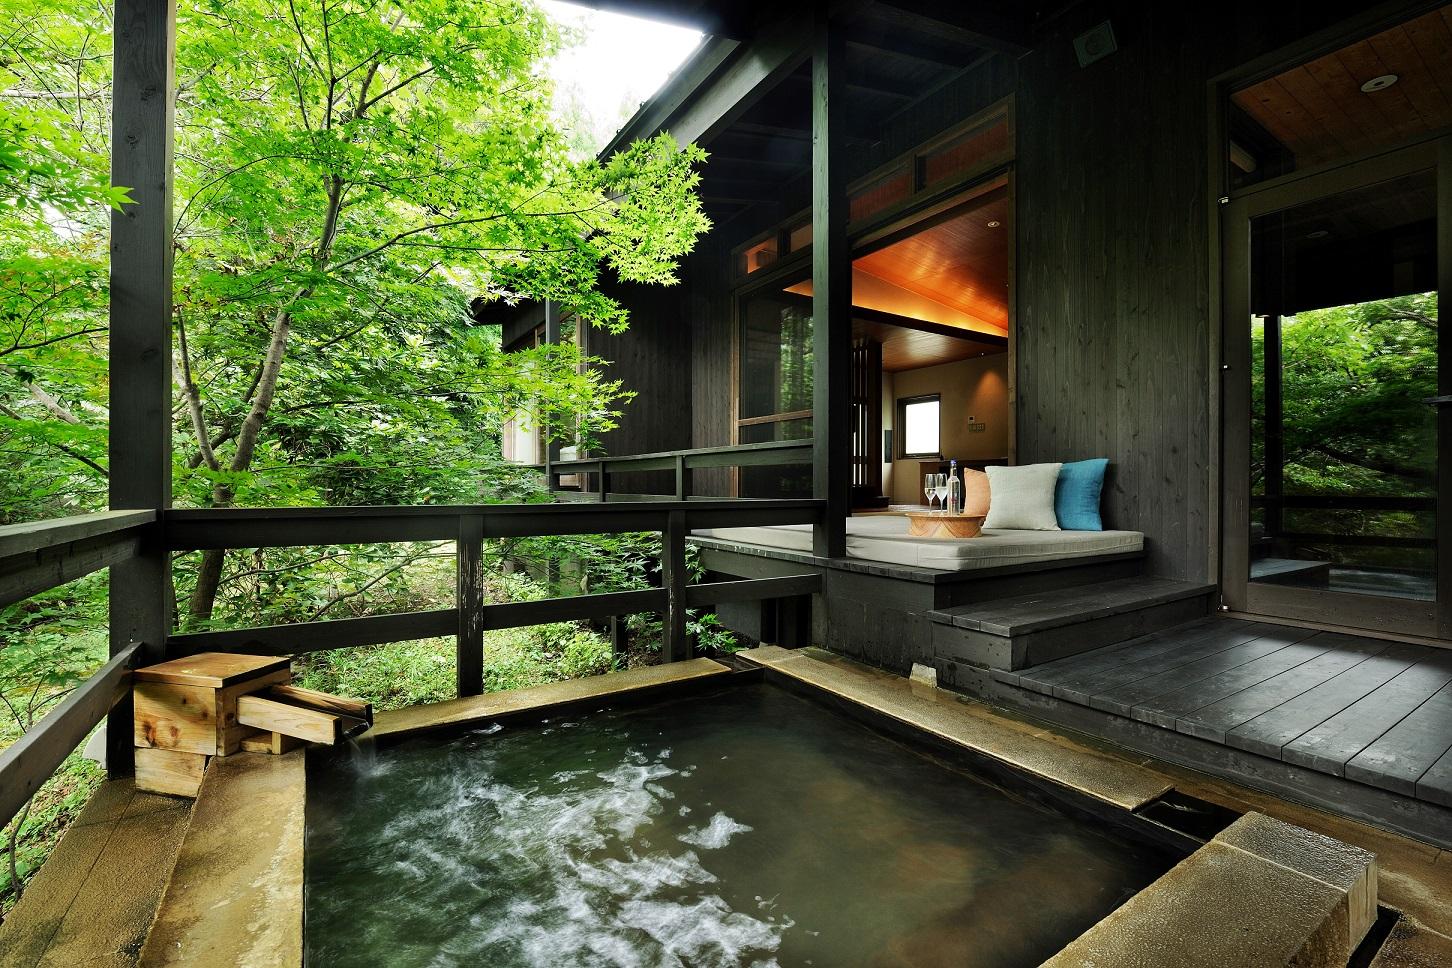 客室は露天風呂付付きの離れ。大自然との一体感を感じられる